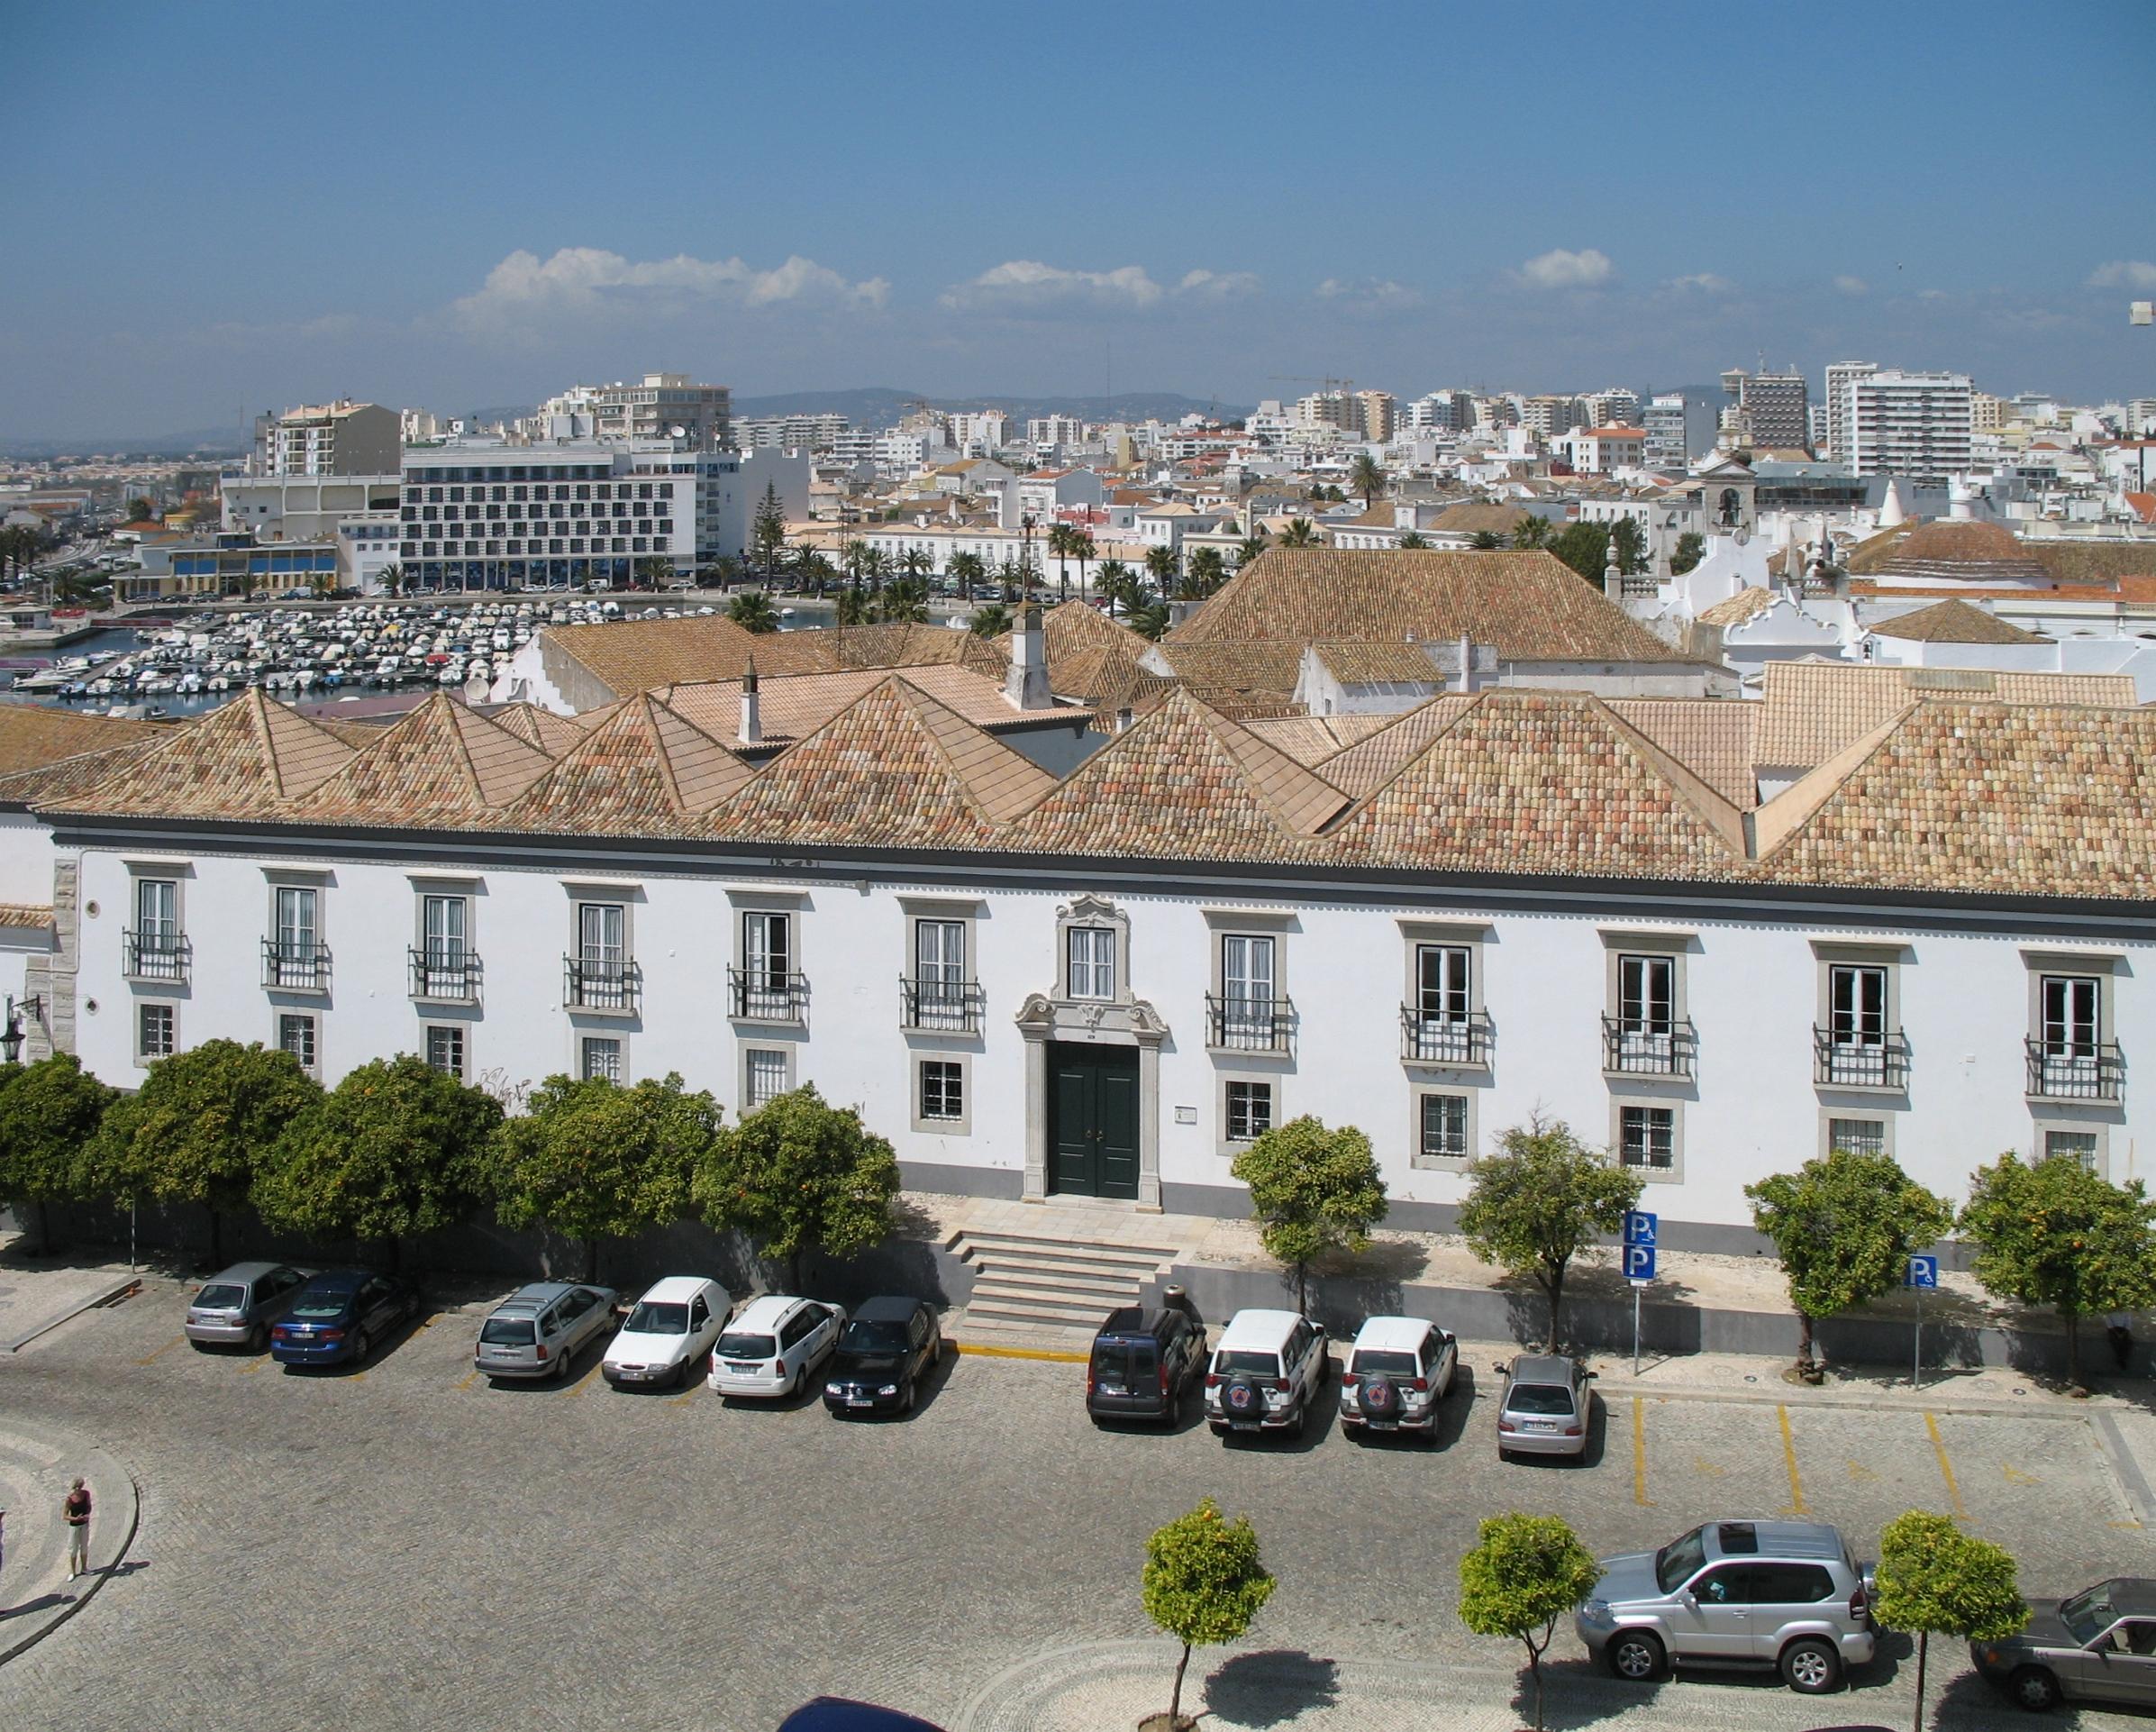 Fotos da cidade de albufeira em portugal 70